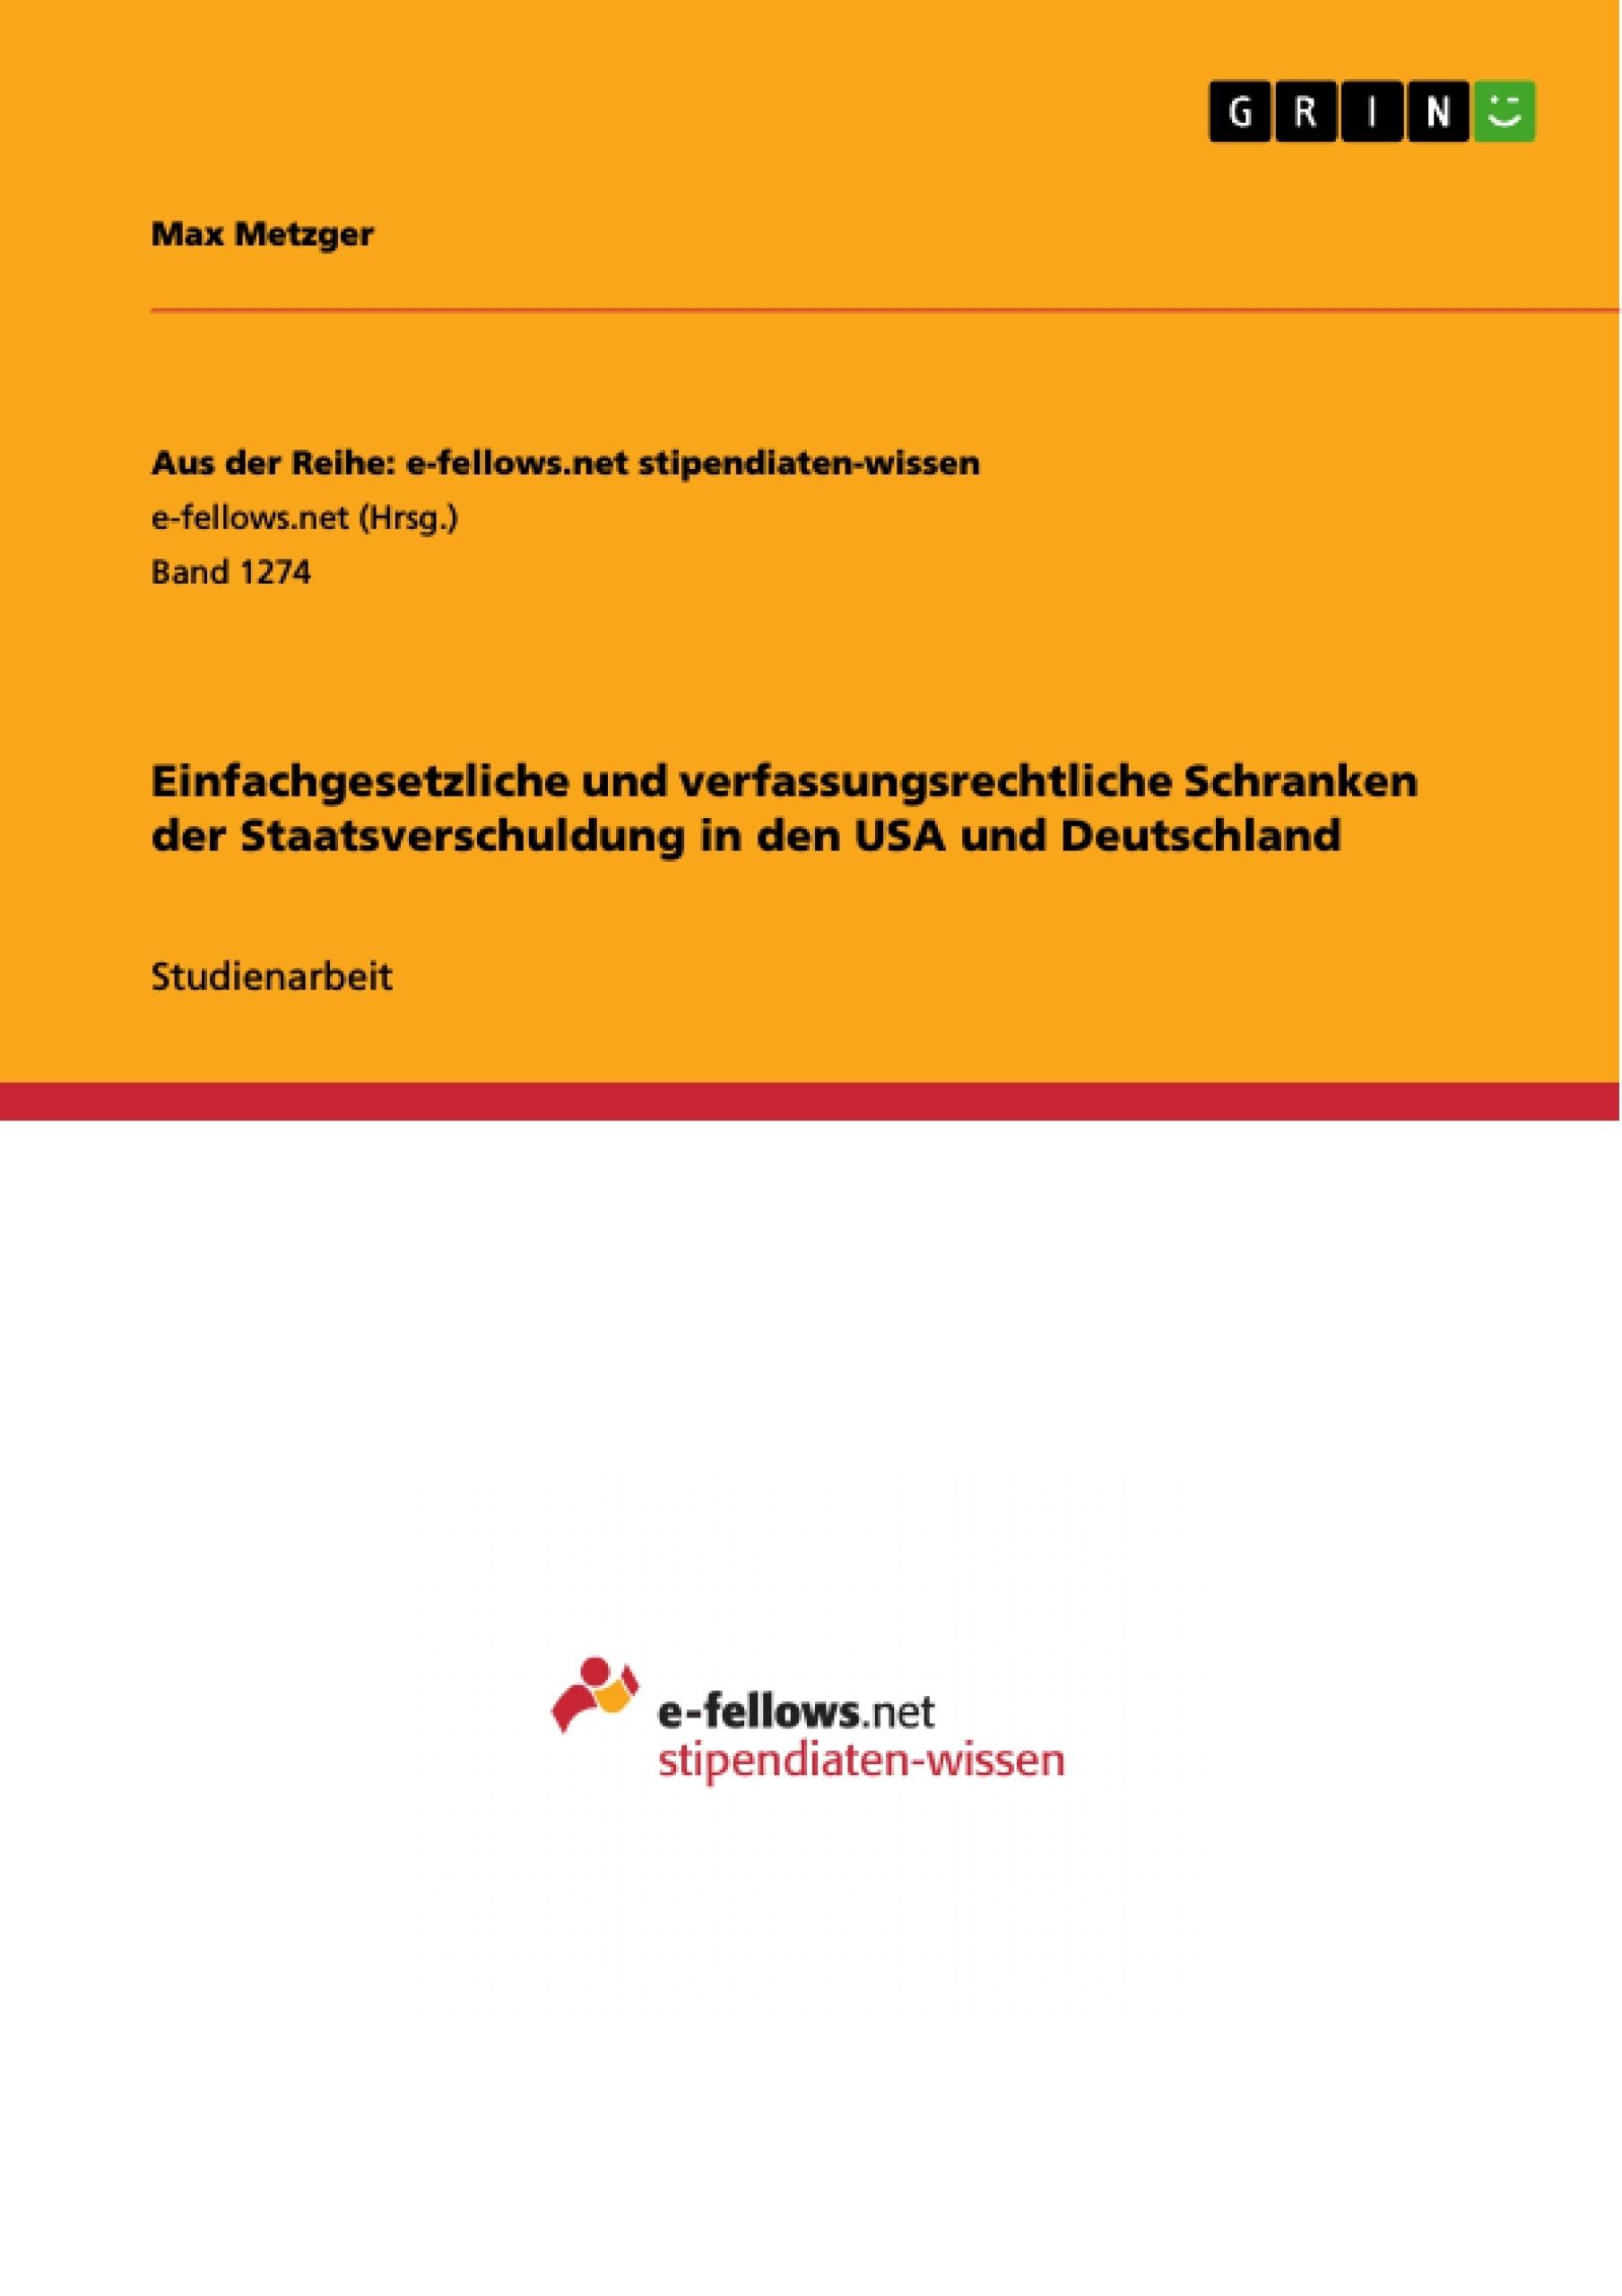 Titel: Einfachgesetzliche und verfassungsrechtliche Schranken der Staatsverschuldung in den USA und Deutschland